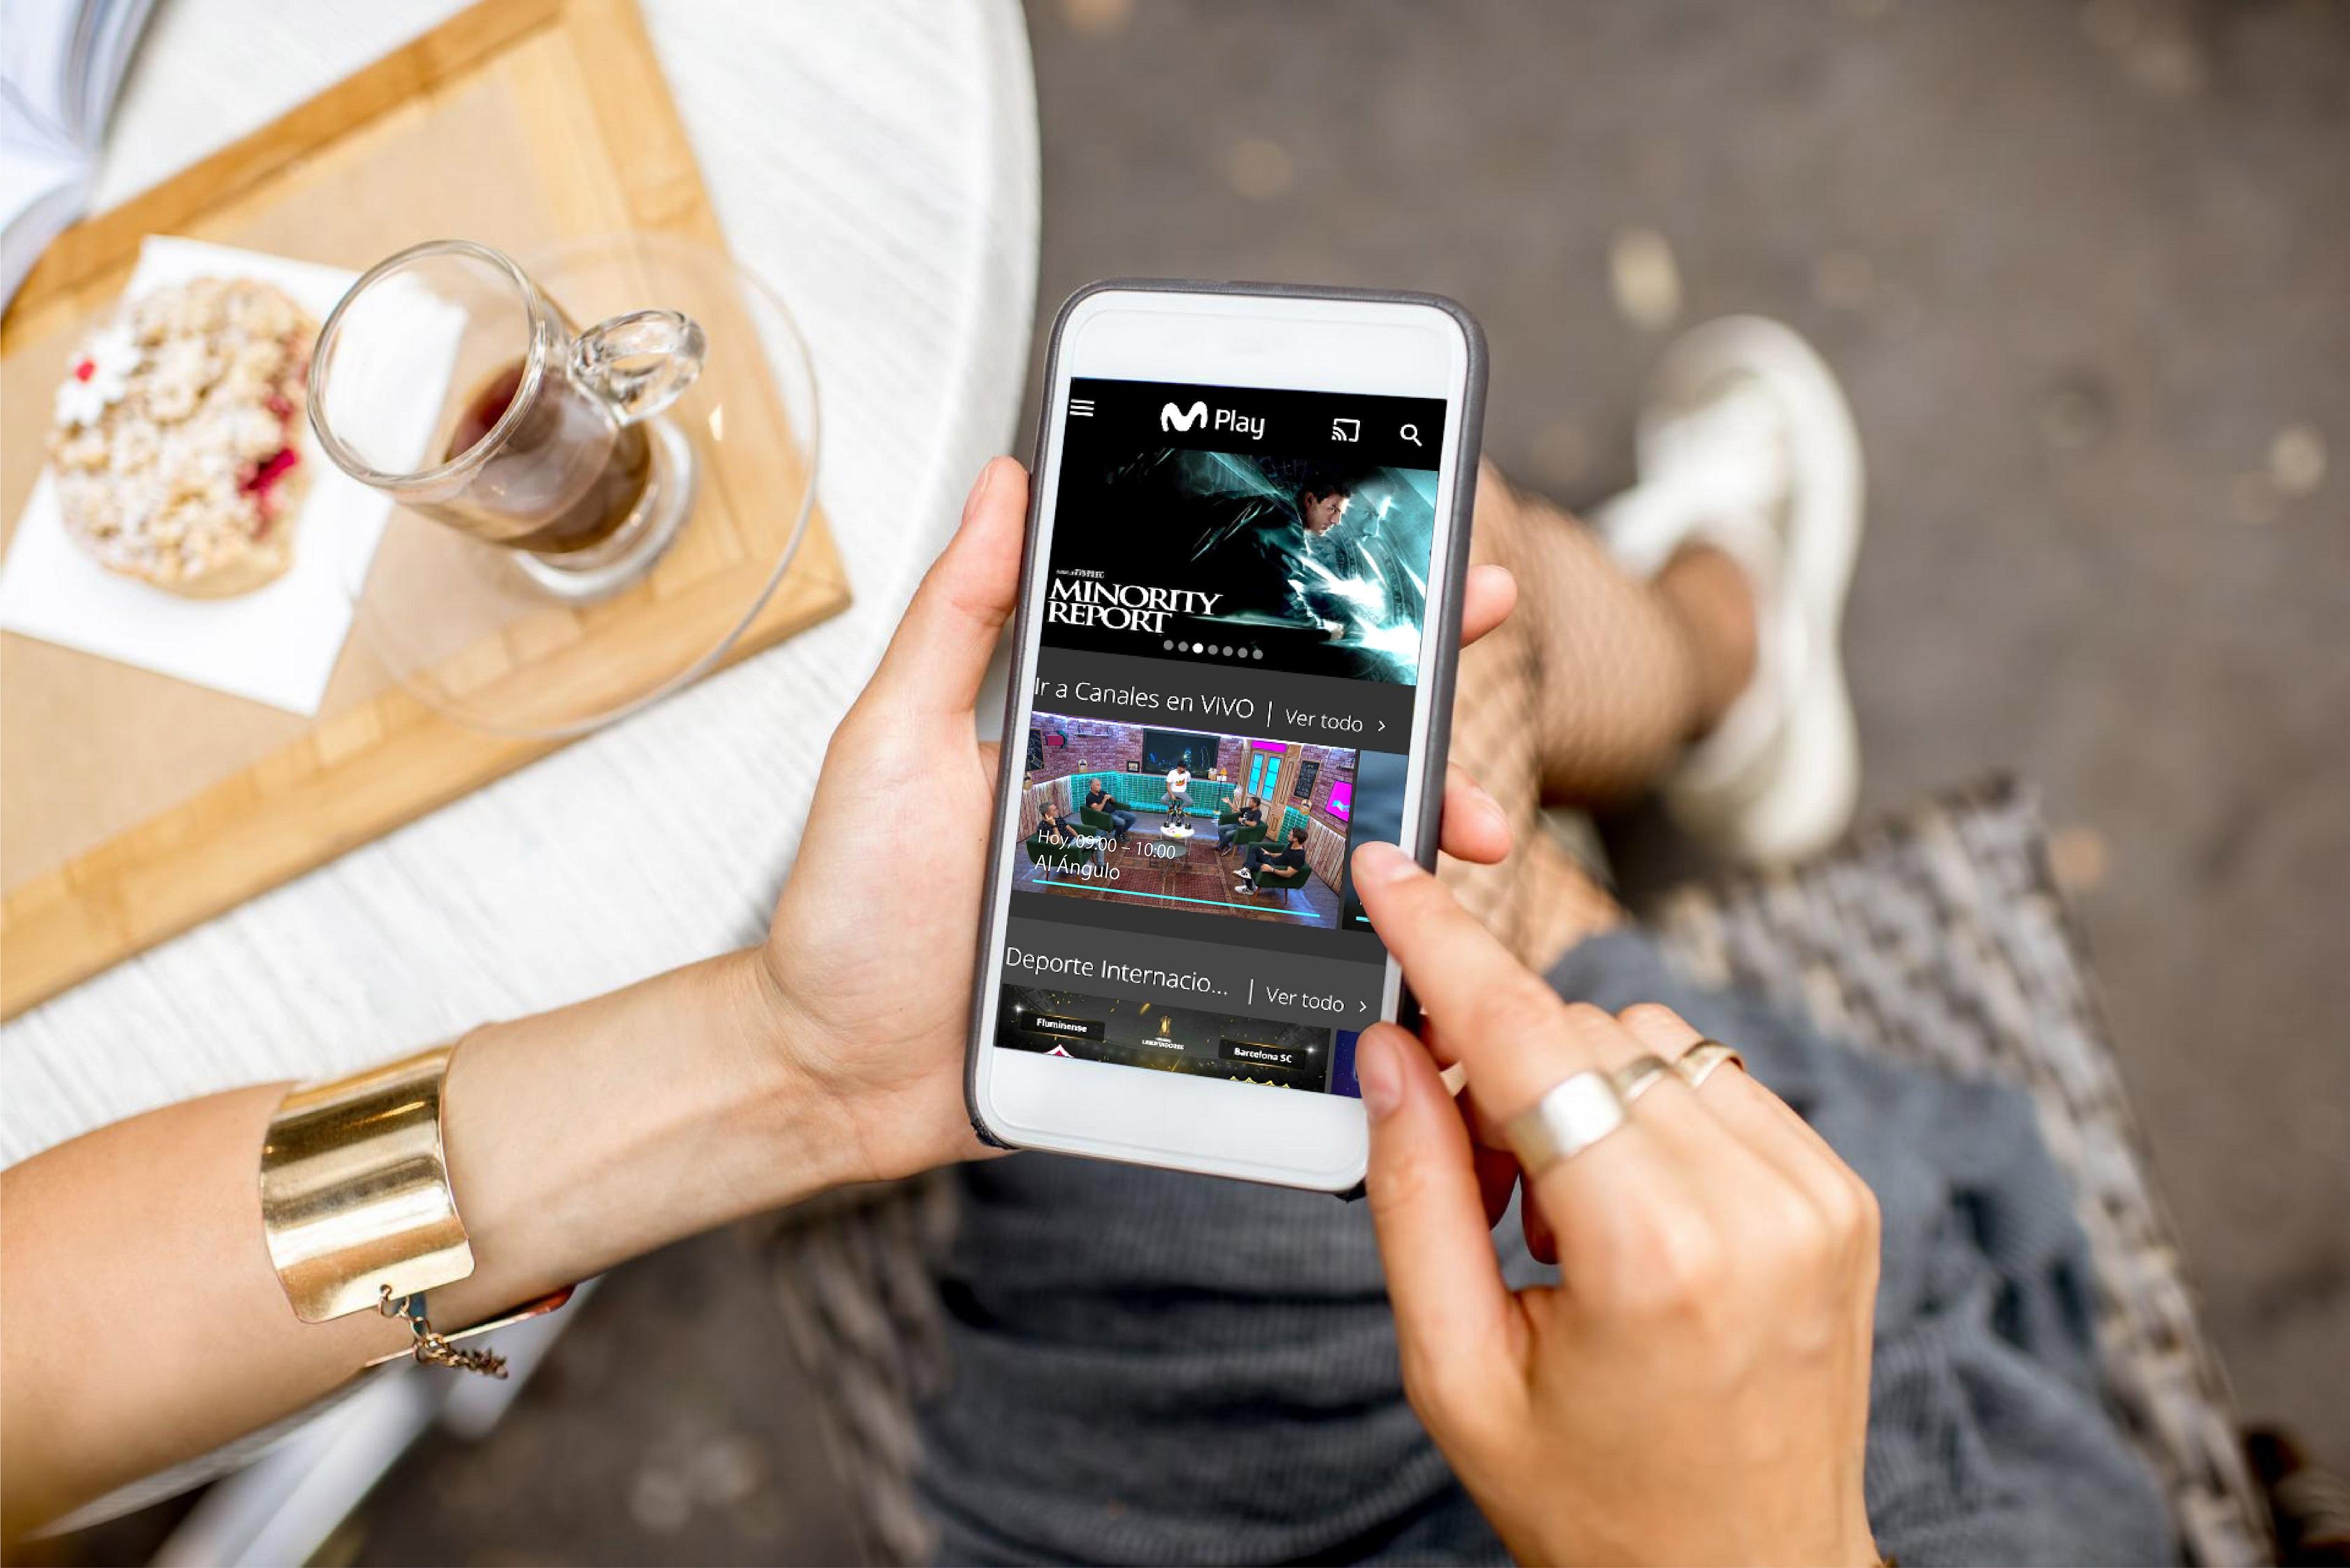 Consumo de contenidos en la multiplataforma de streaming Movistar Play se duplicó entre 2019 y 2020